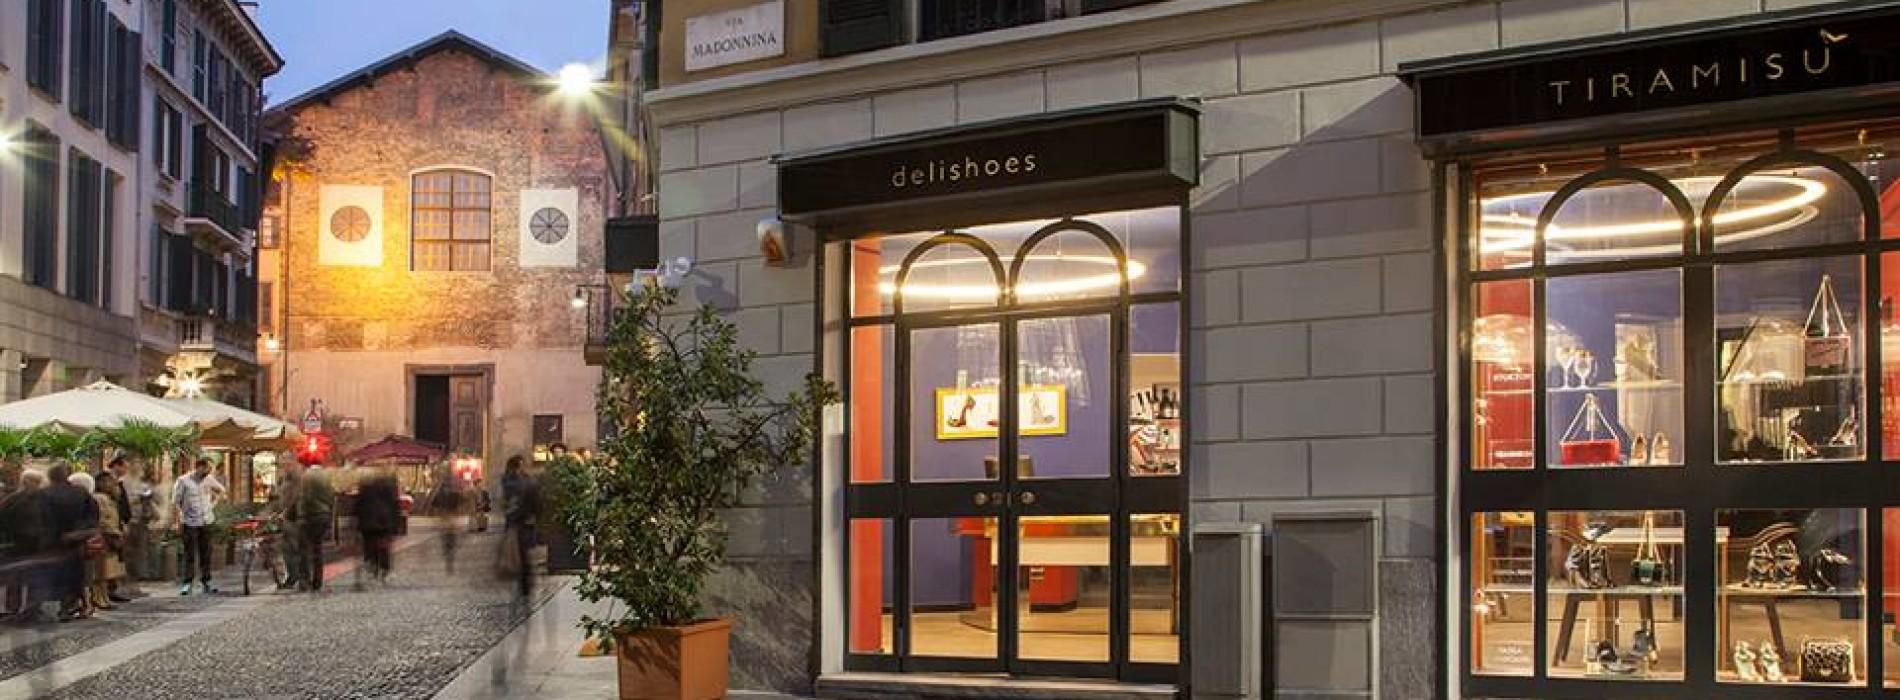 Tiramisù Delishoes Milano, dessert e tacchi a spillo nel cuore di Brera